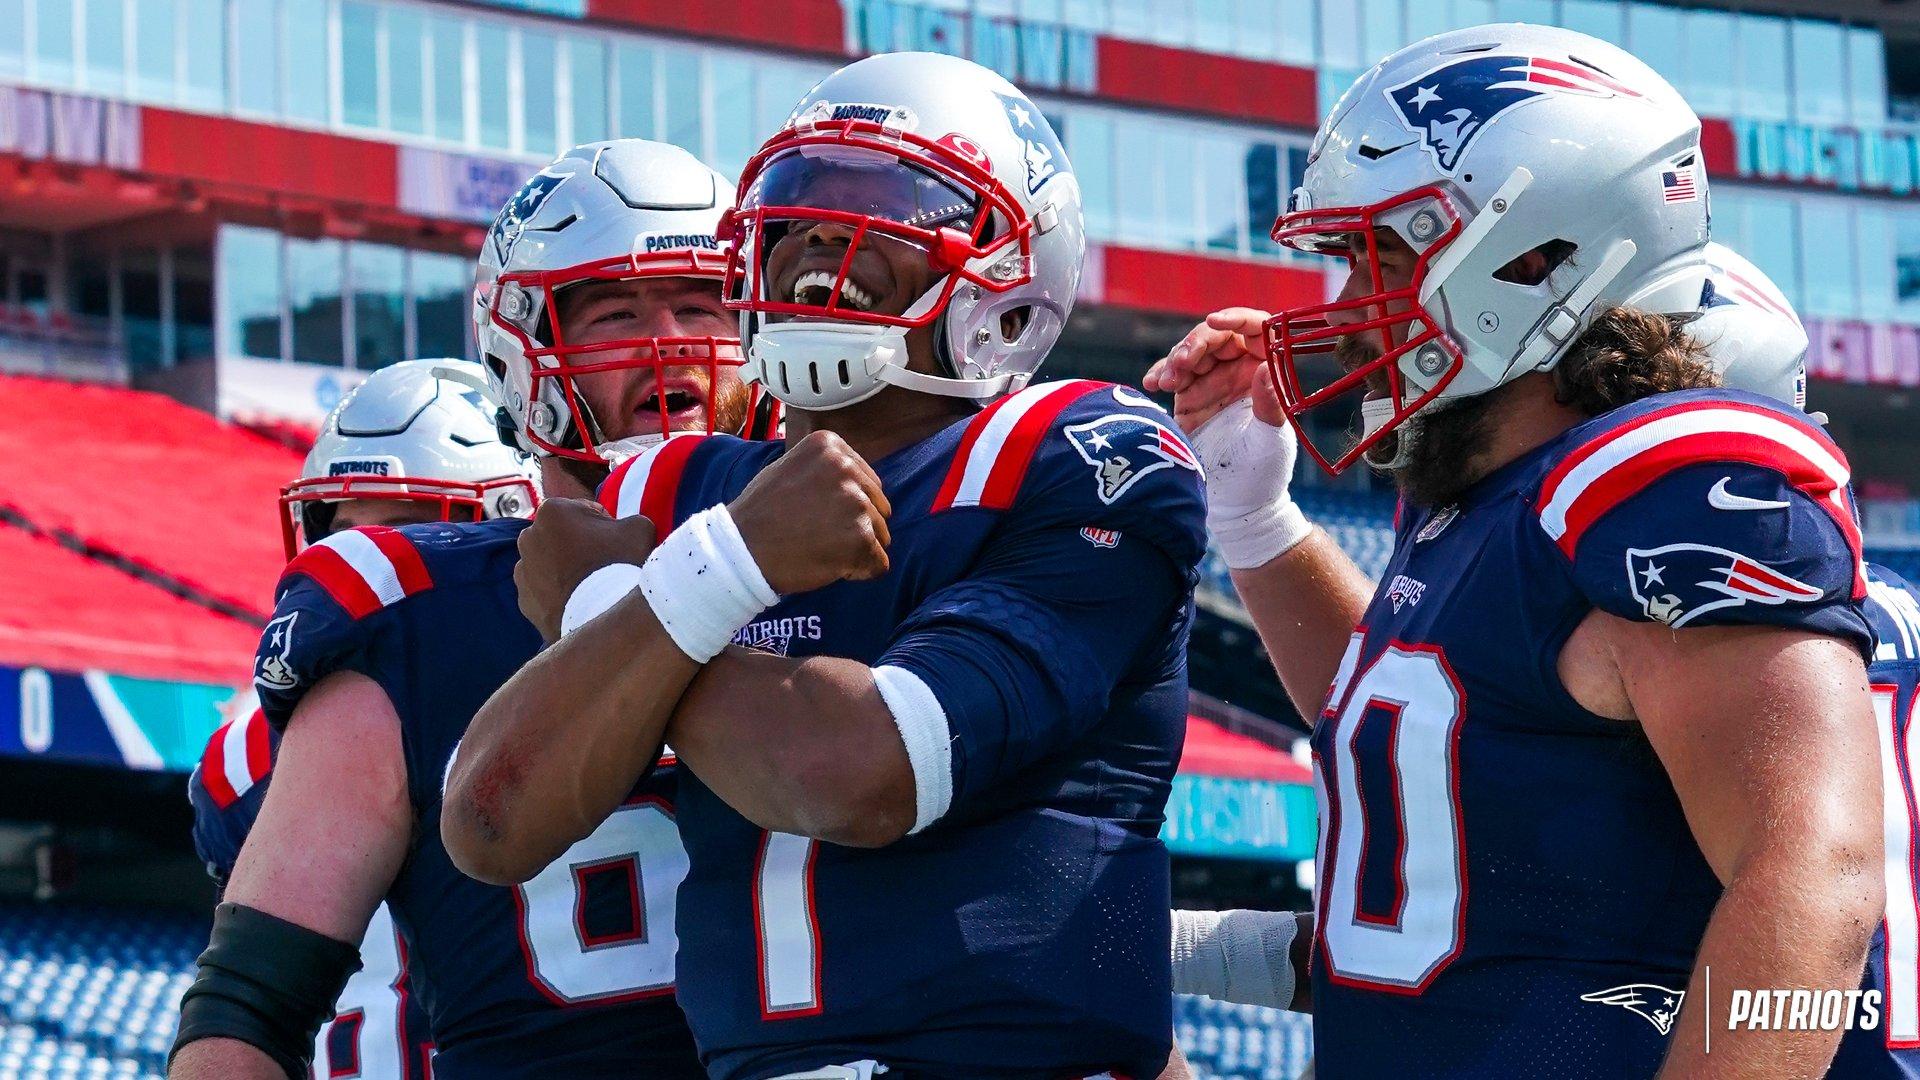 Tatidown Patriots – Semana 1: Patriots X Dolphins